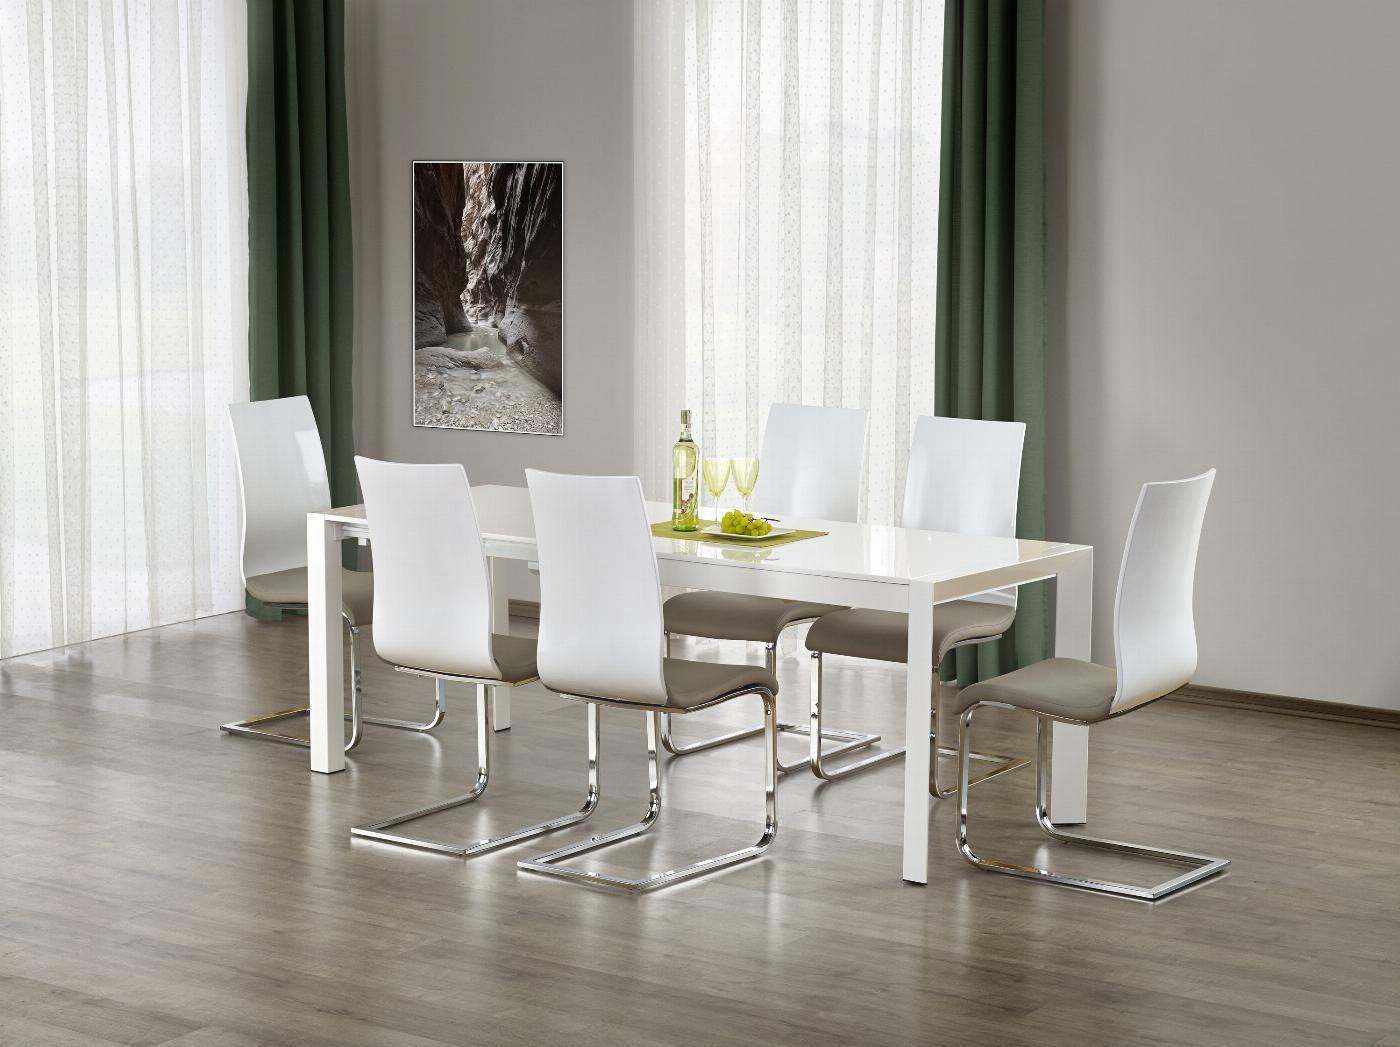 STANFORD XL stół rozkładany biały (2p=1szt)